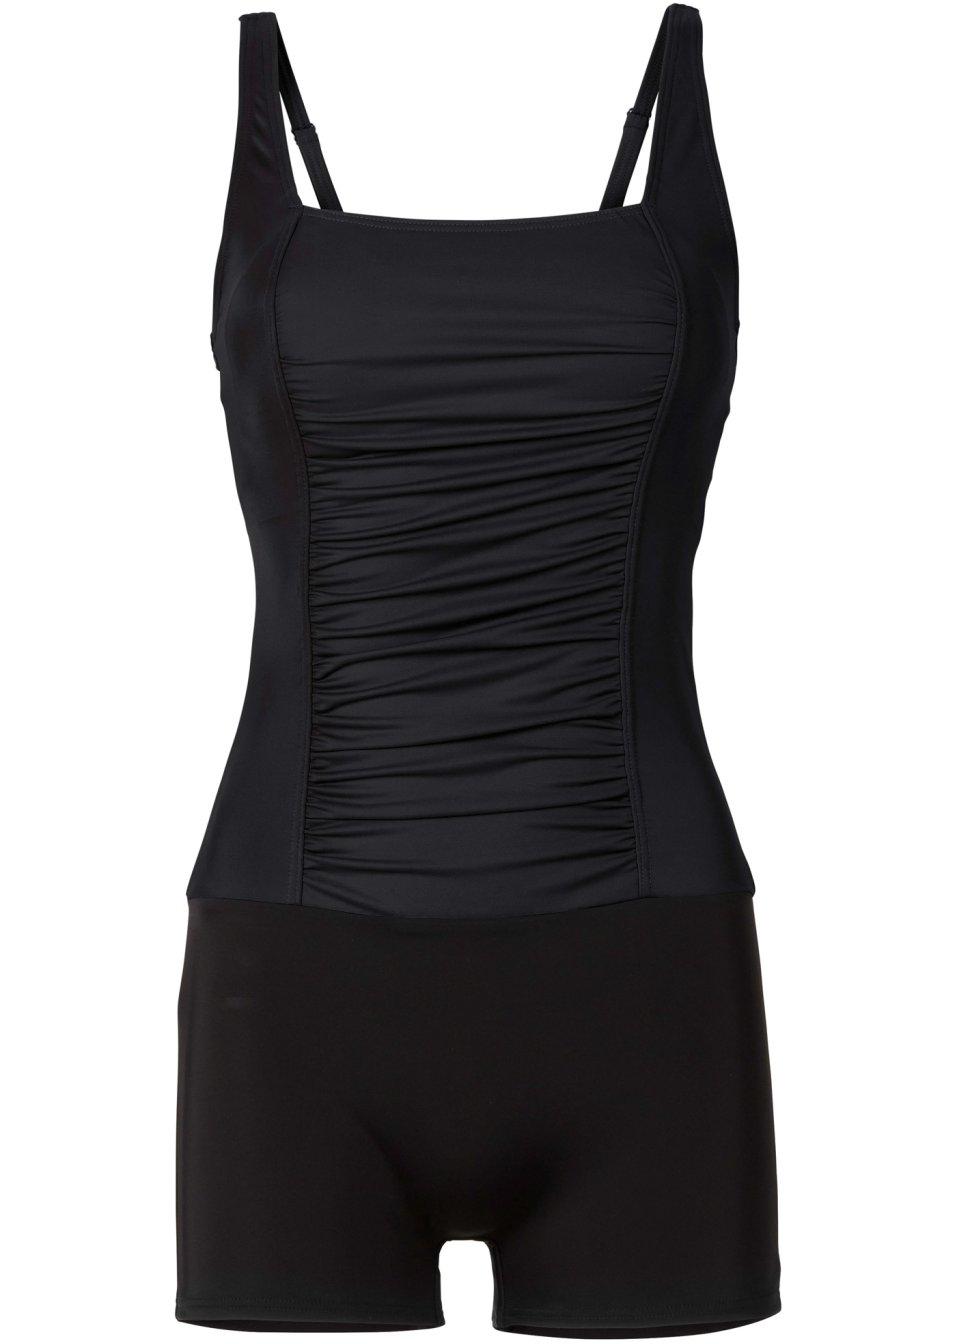 Geschmackvoller Badeanzug mit Bein und Raffung - schwarz 7PerW EarWS